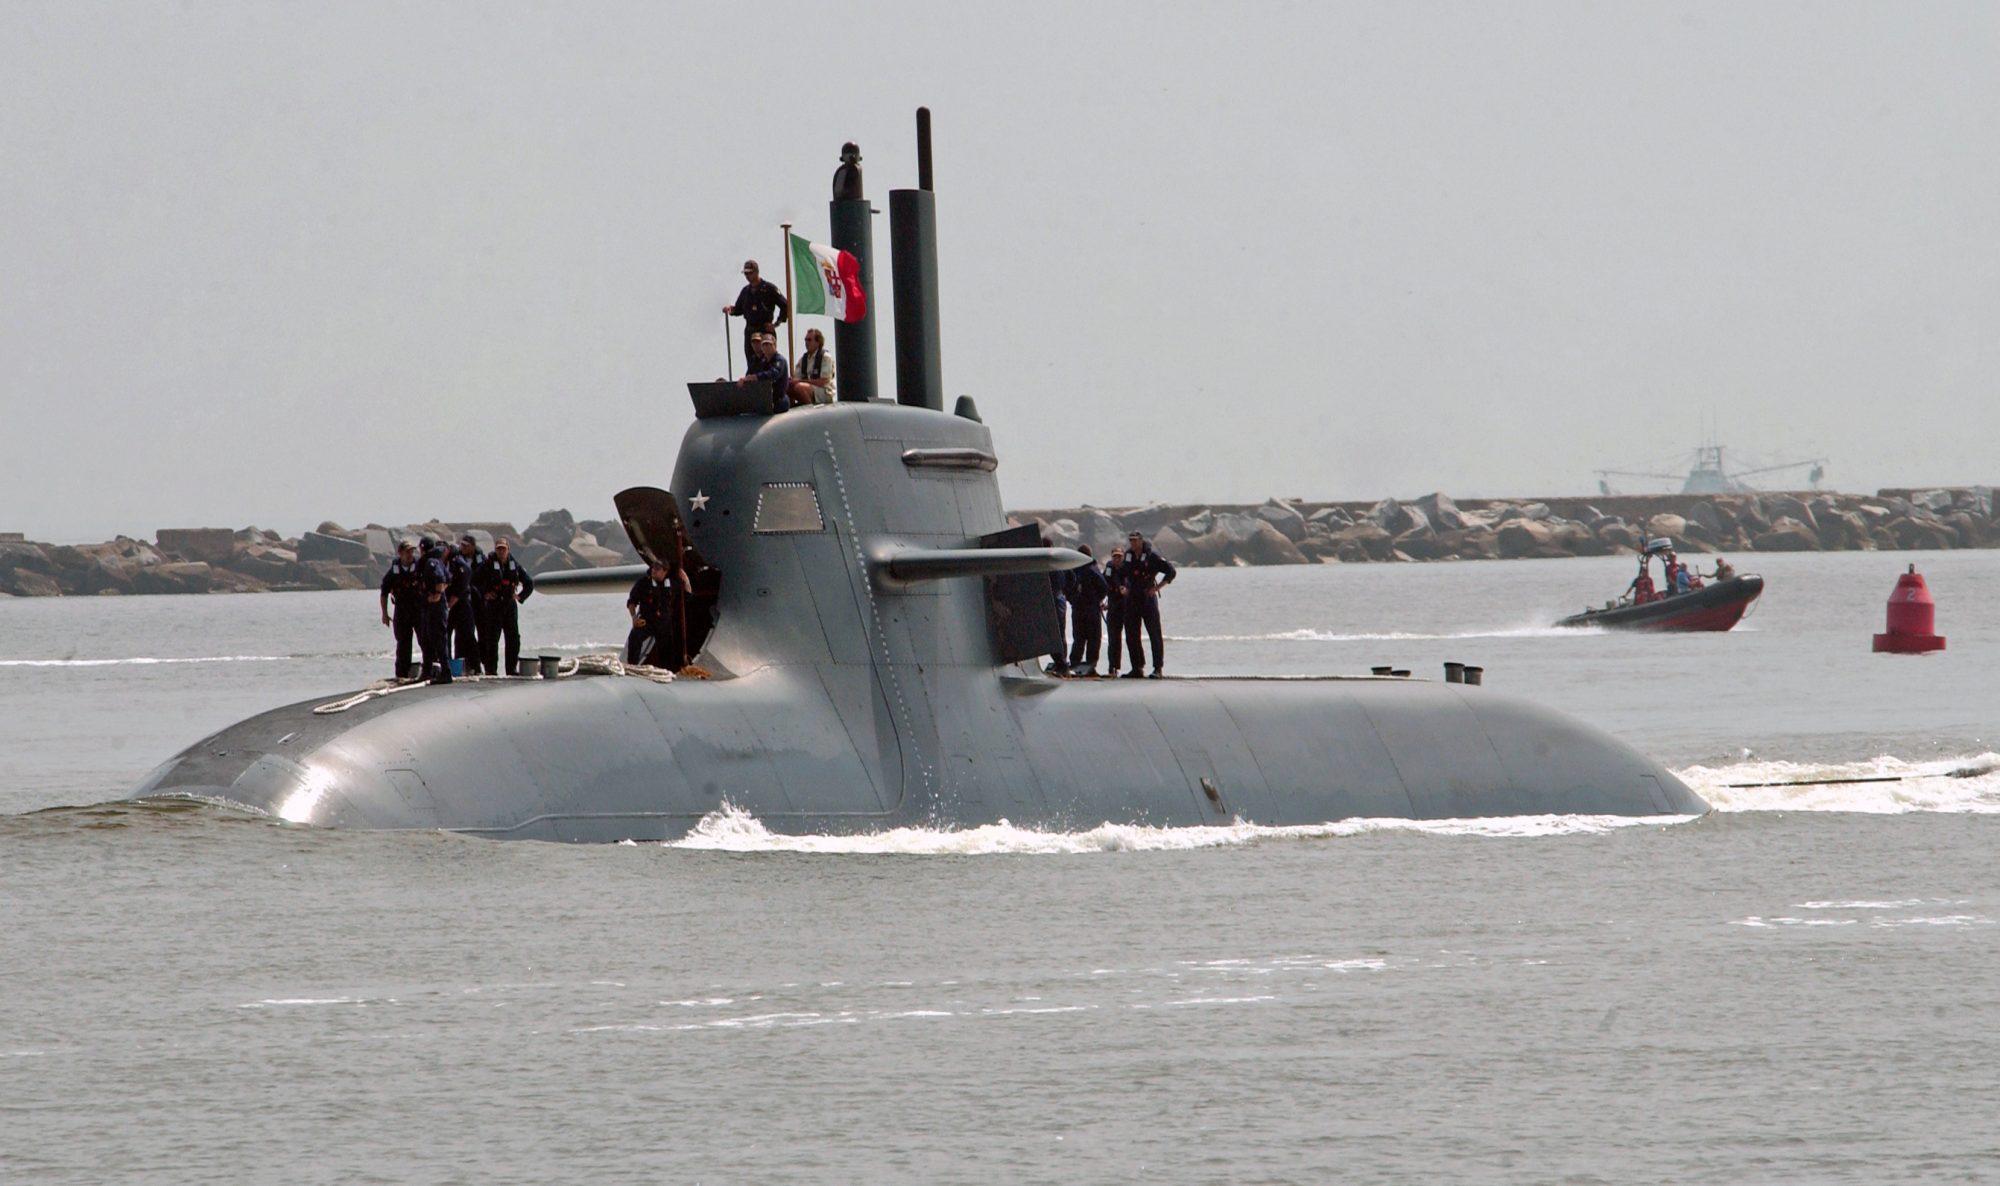 Submarino italiano Salvatore Todaro (S-526) da classe U212A, dotado de propulsão AIP